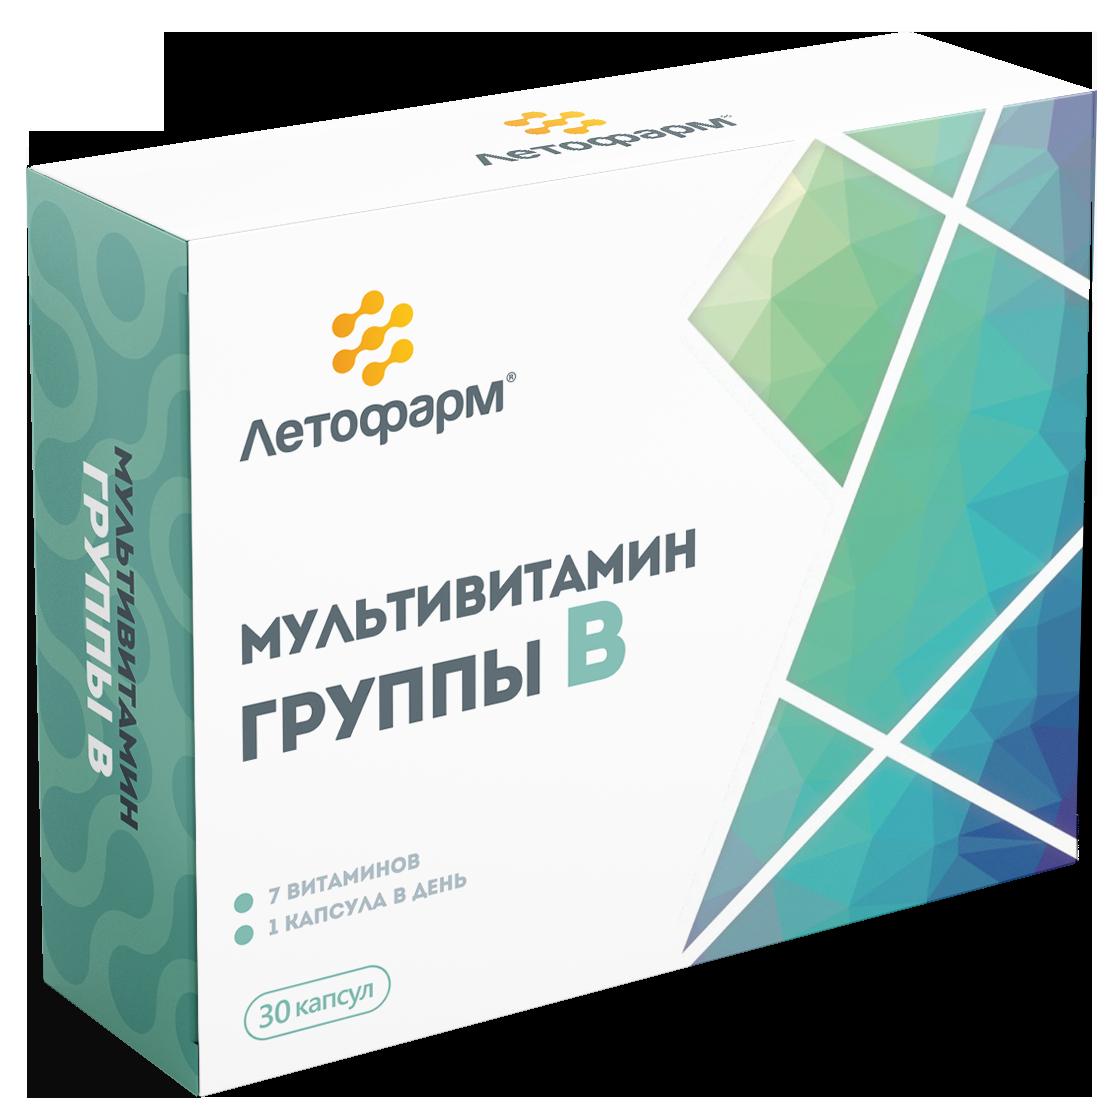 Multivitamin B